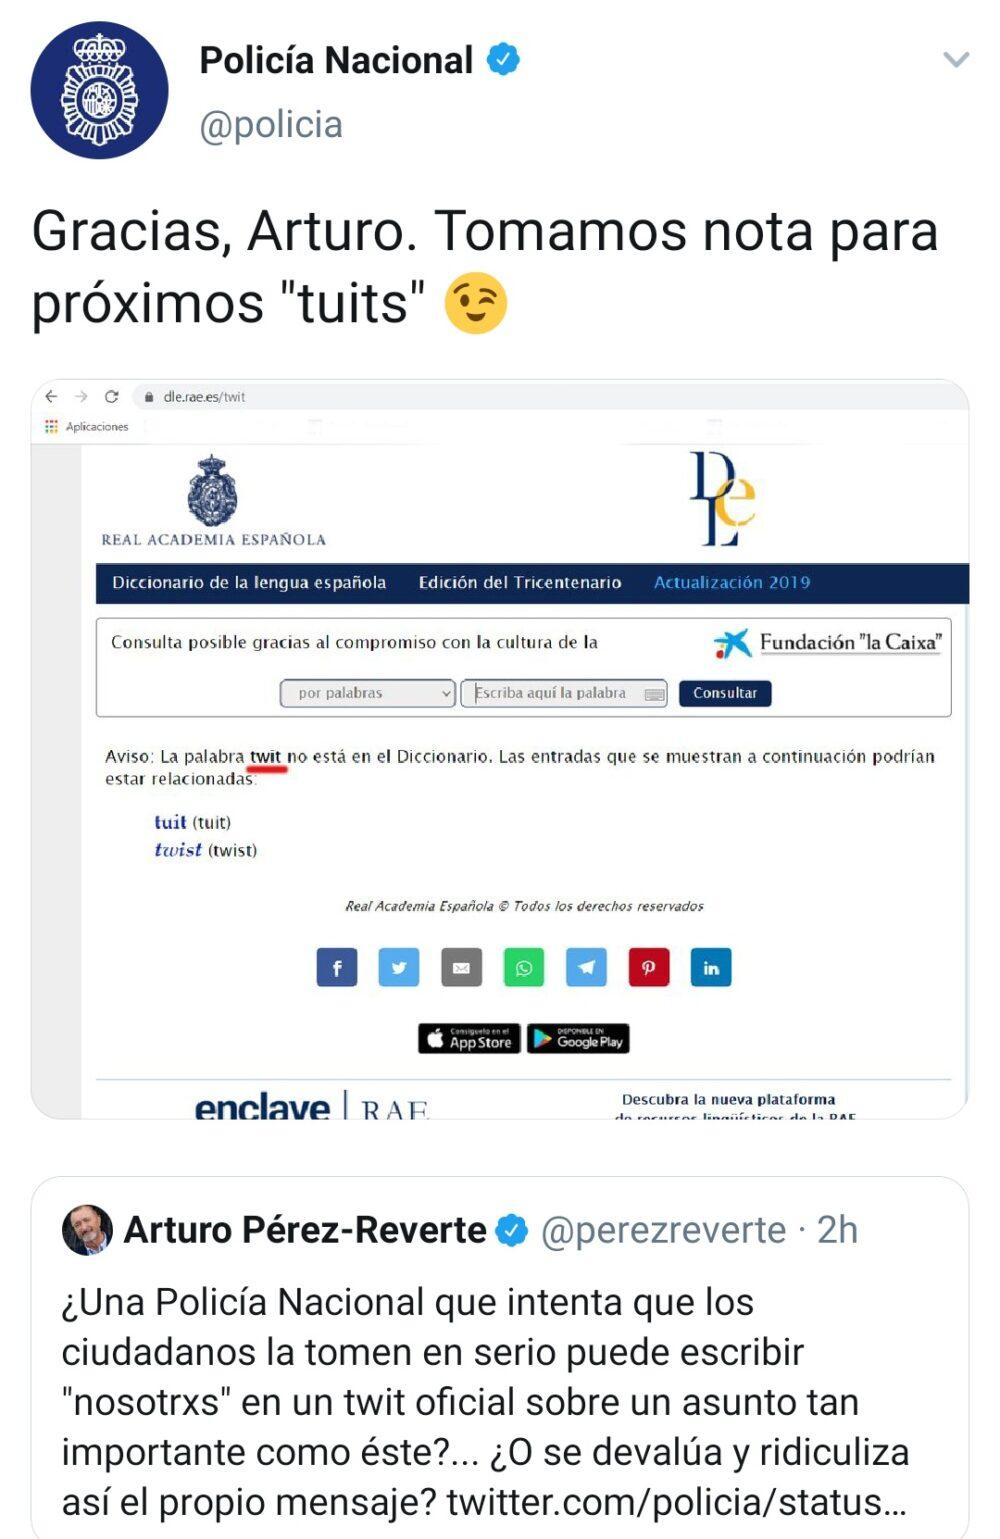 Arturo Pérez-Reverte vs la Policía Nacional: FIGHT!